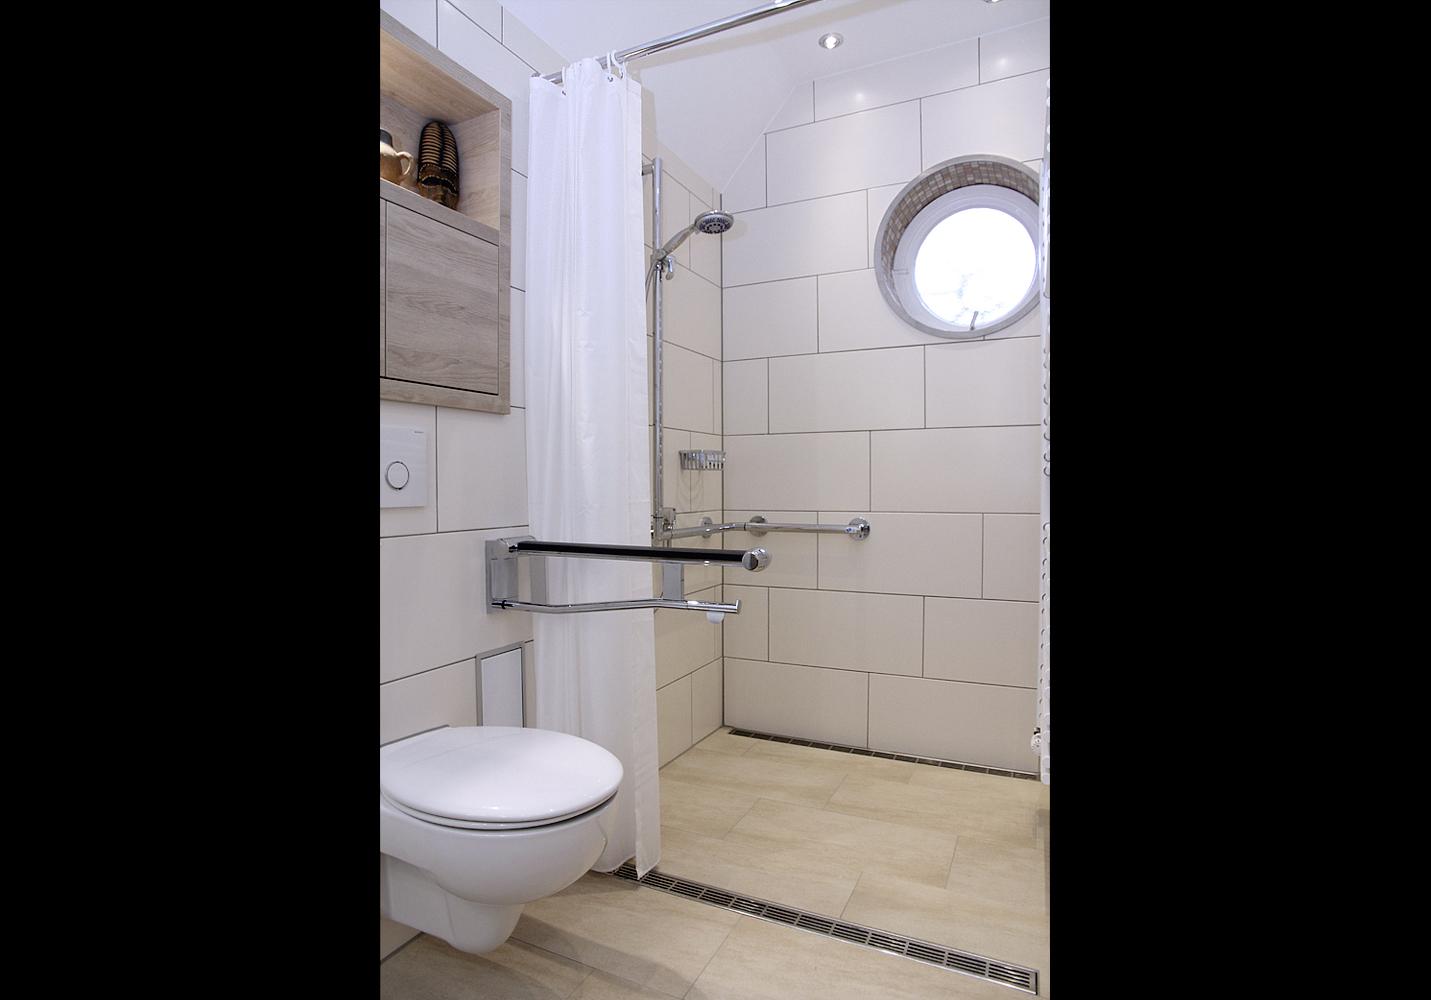 Im Bereich des Duschvorhangs befindet sich eine zweite Edelstahlrinne.